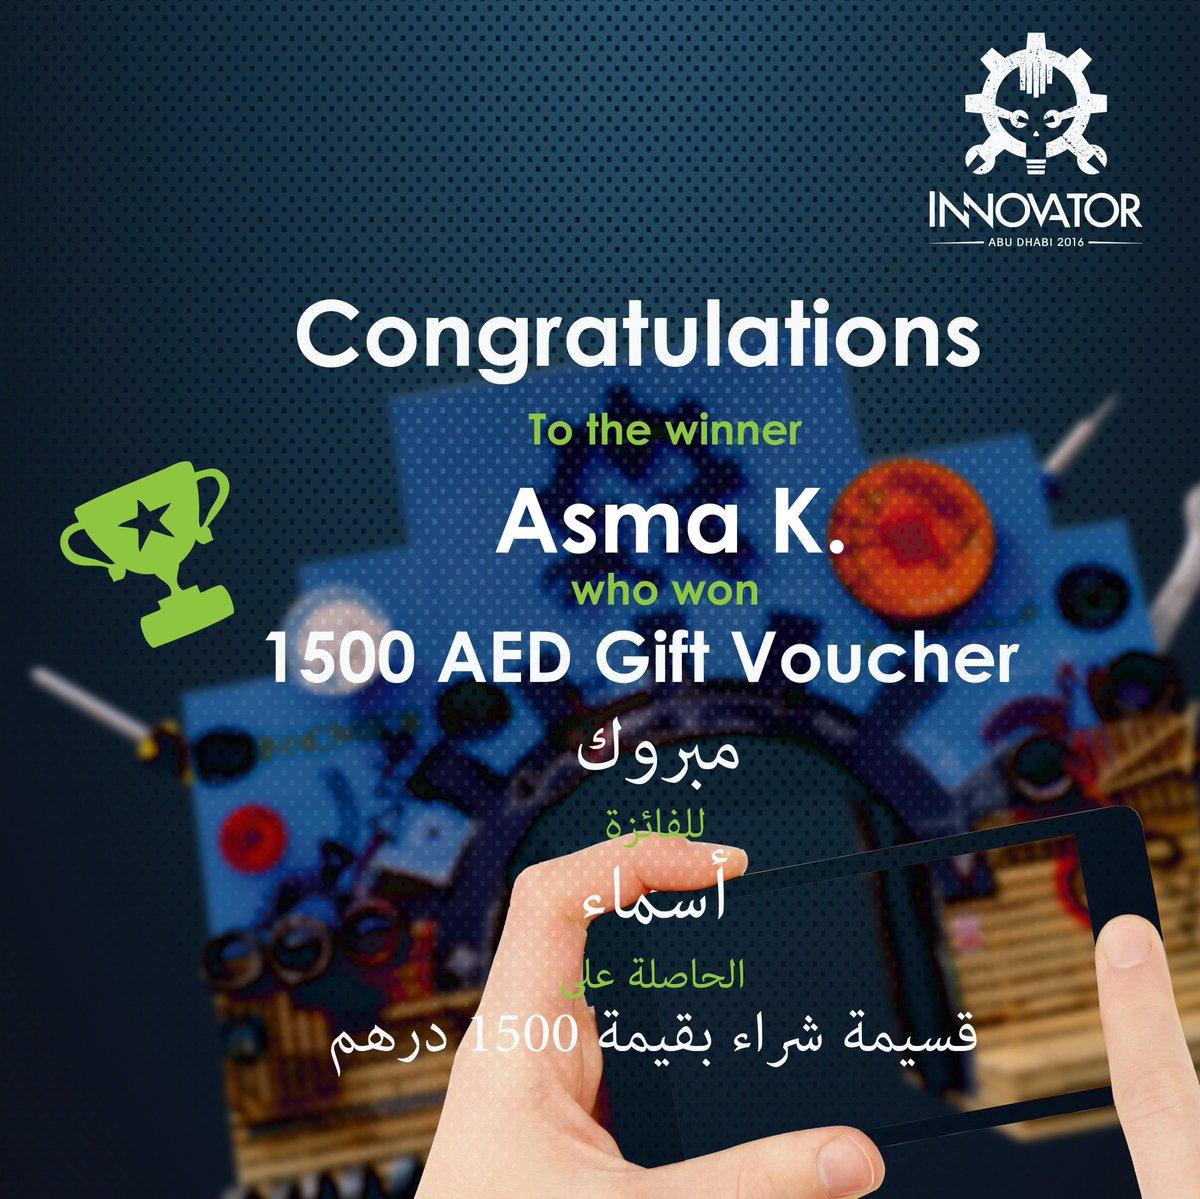 مبروك للفائزة أسماء والتي شاركت معنا في مسابقة الهاشتاغ حيث حصلت على قسيمة شراء بقيمة 1500 درهم! https://t.co/rLYyvdmHHb